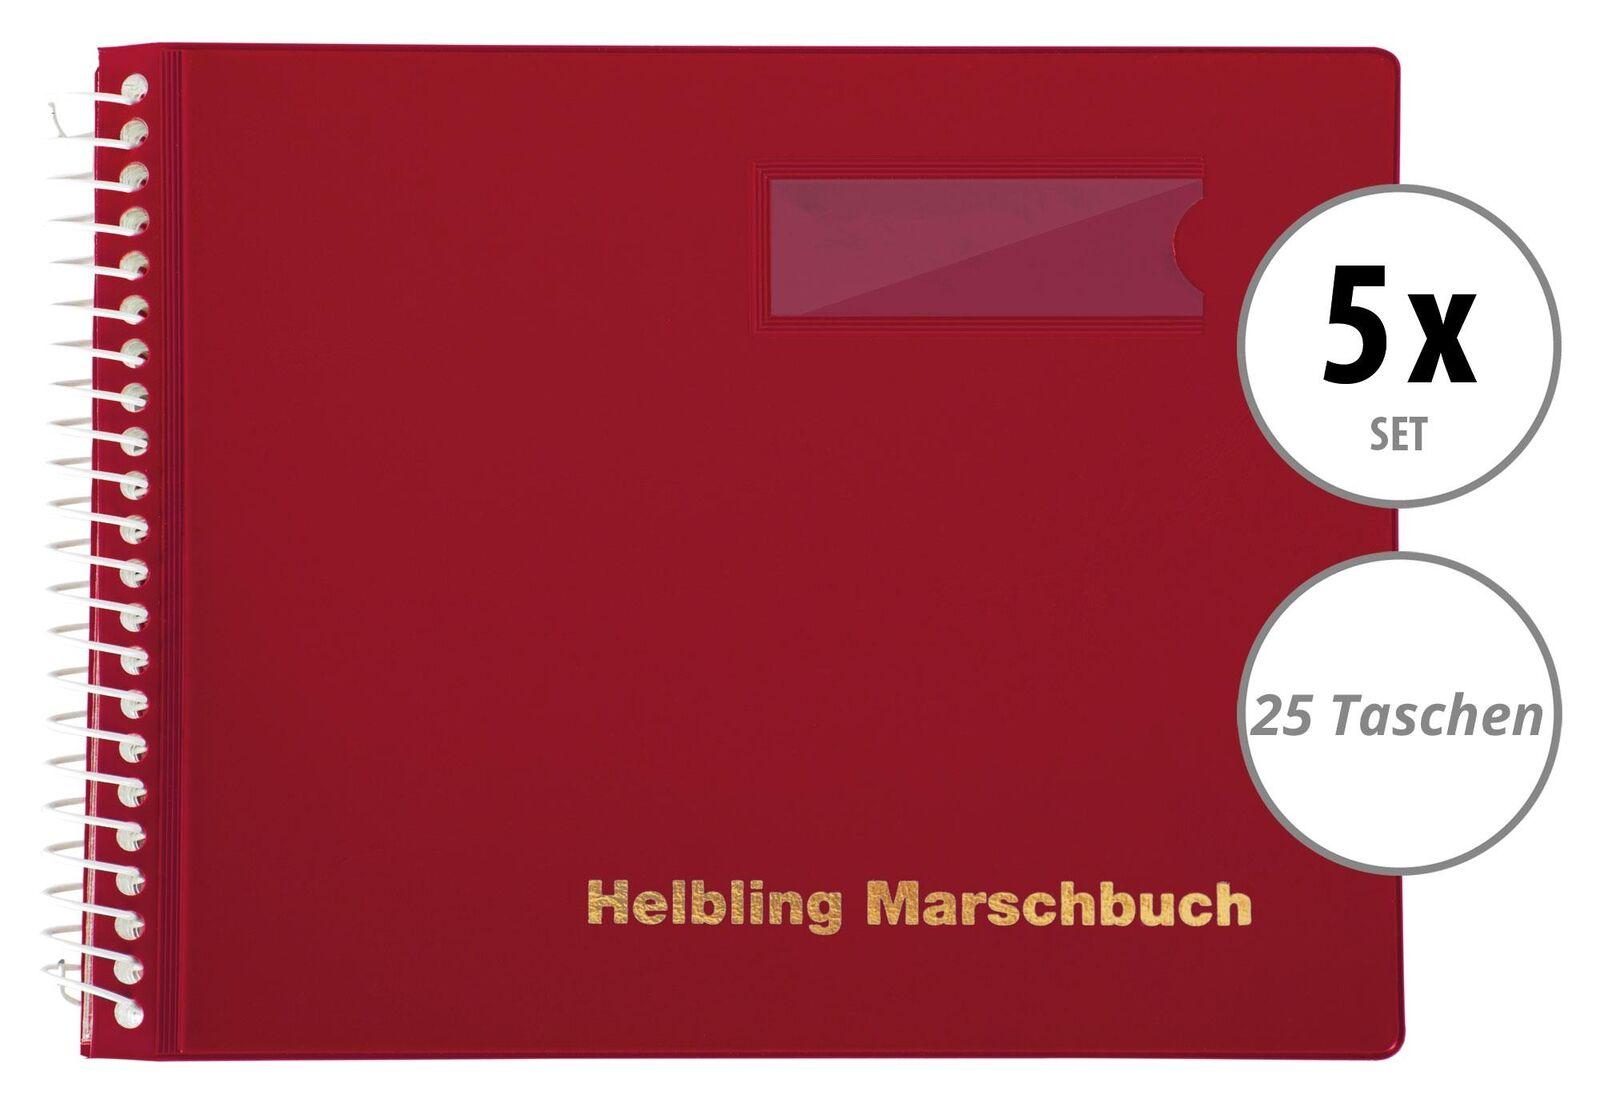 5x Helbling BMR25 Marschbuch rot 25 Taschen Marsch Noten Mappe Musik Spirale